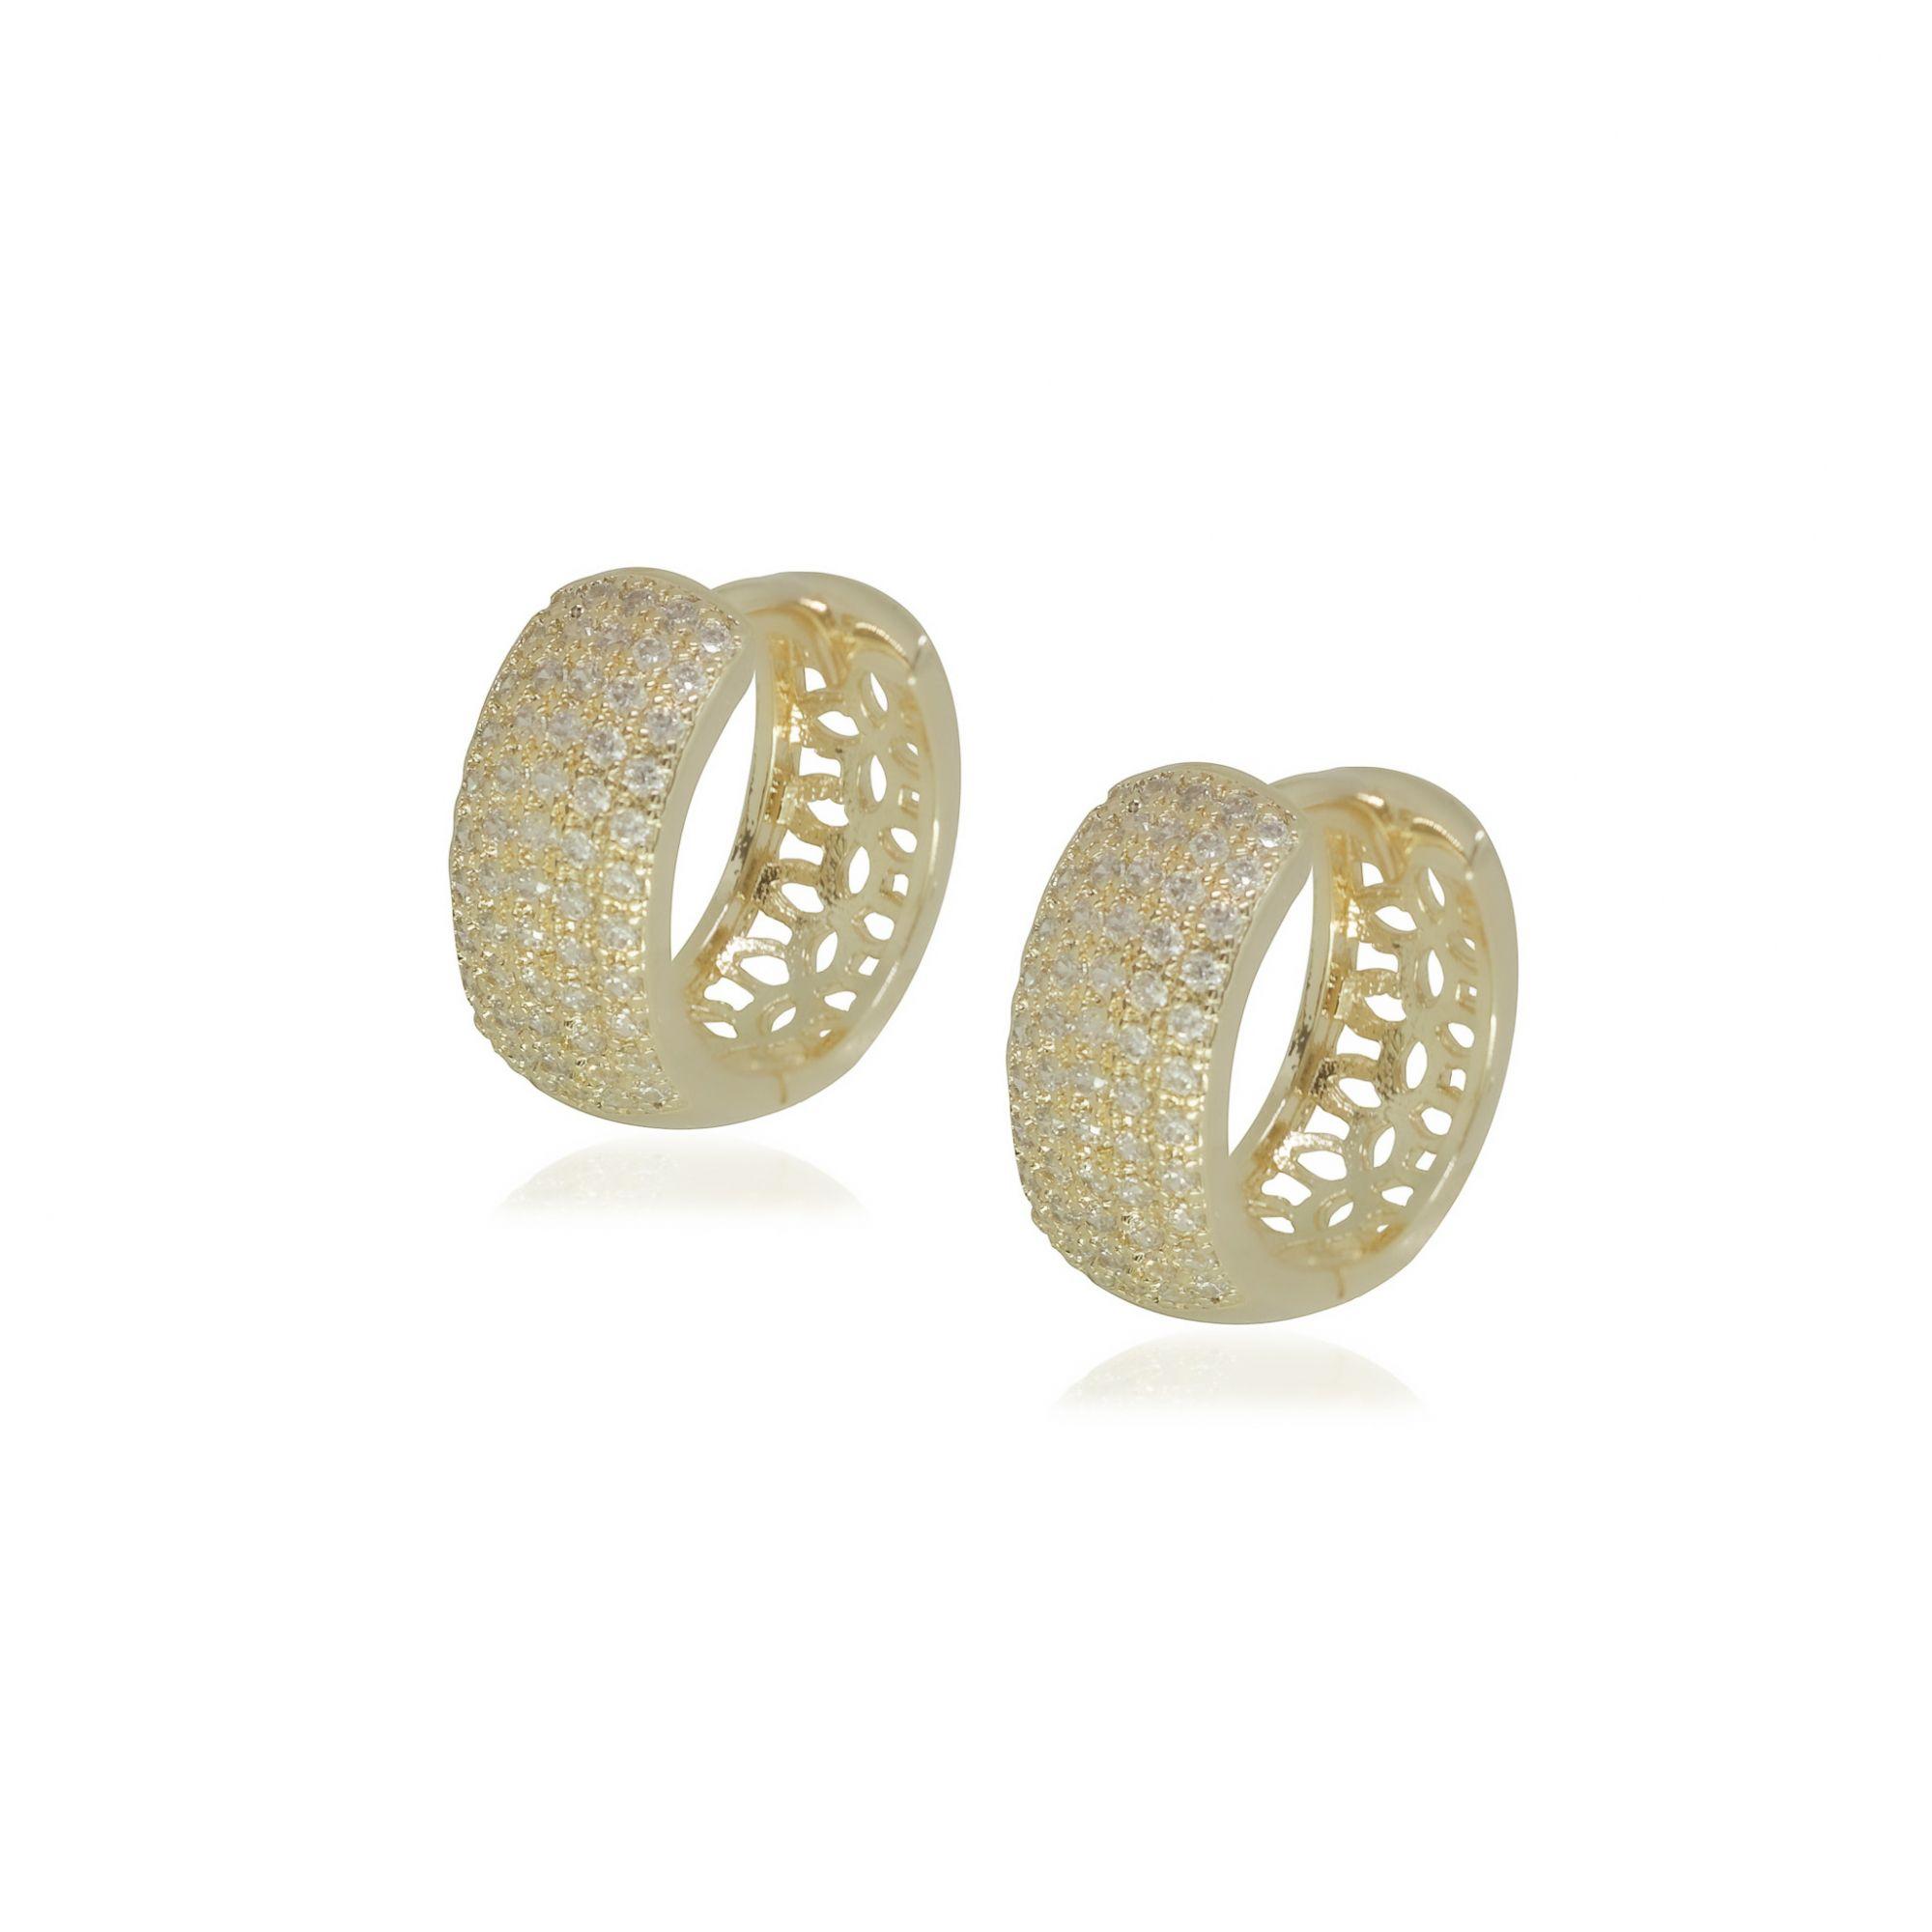 Brinco Semi joia argola cravejada 1,5 x 0,6 cm cravejada em microzircônia e banhada a ouro 18k ou rhodium